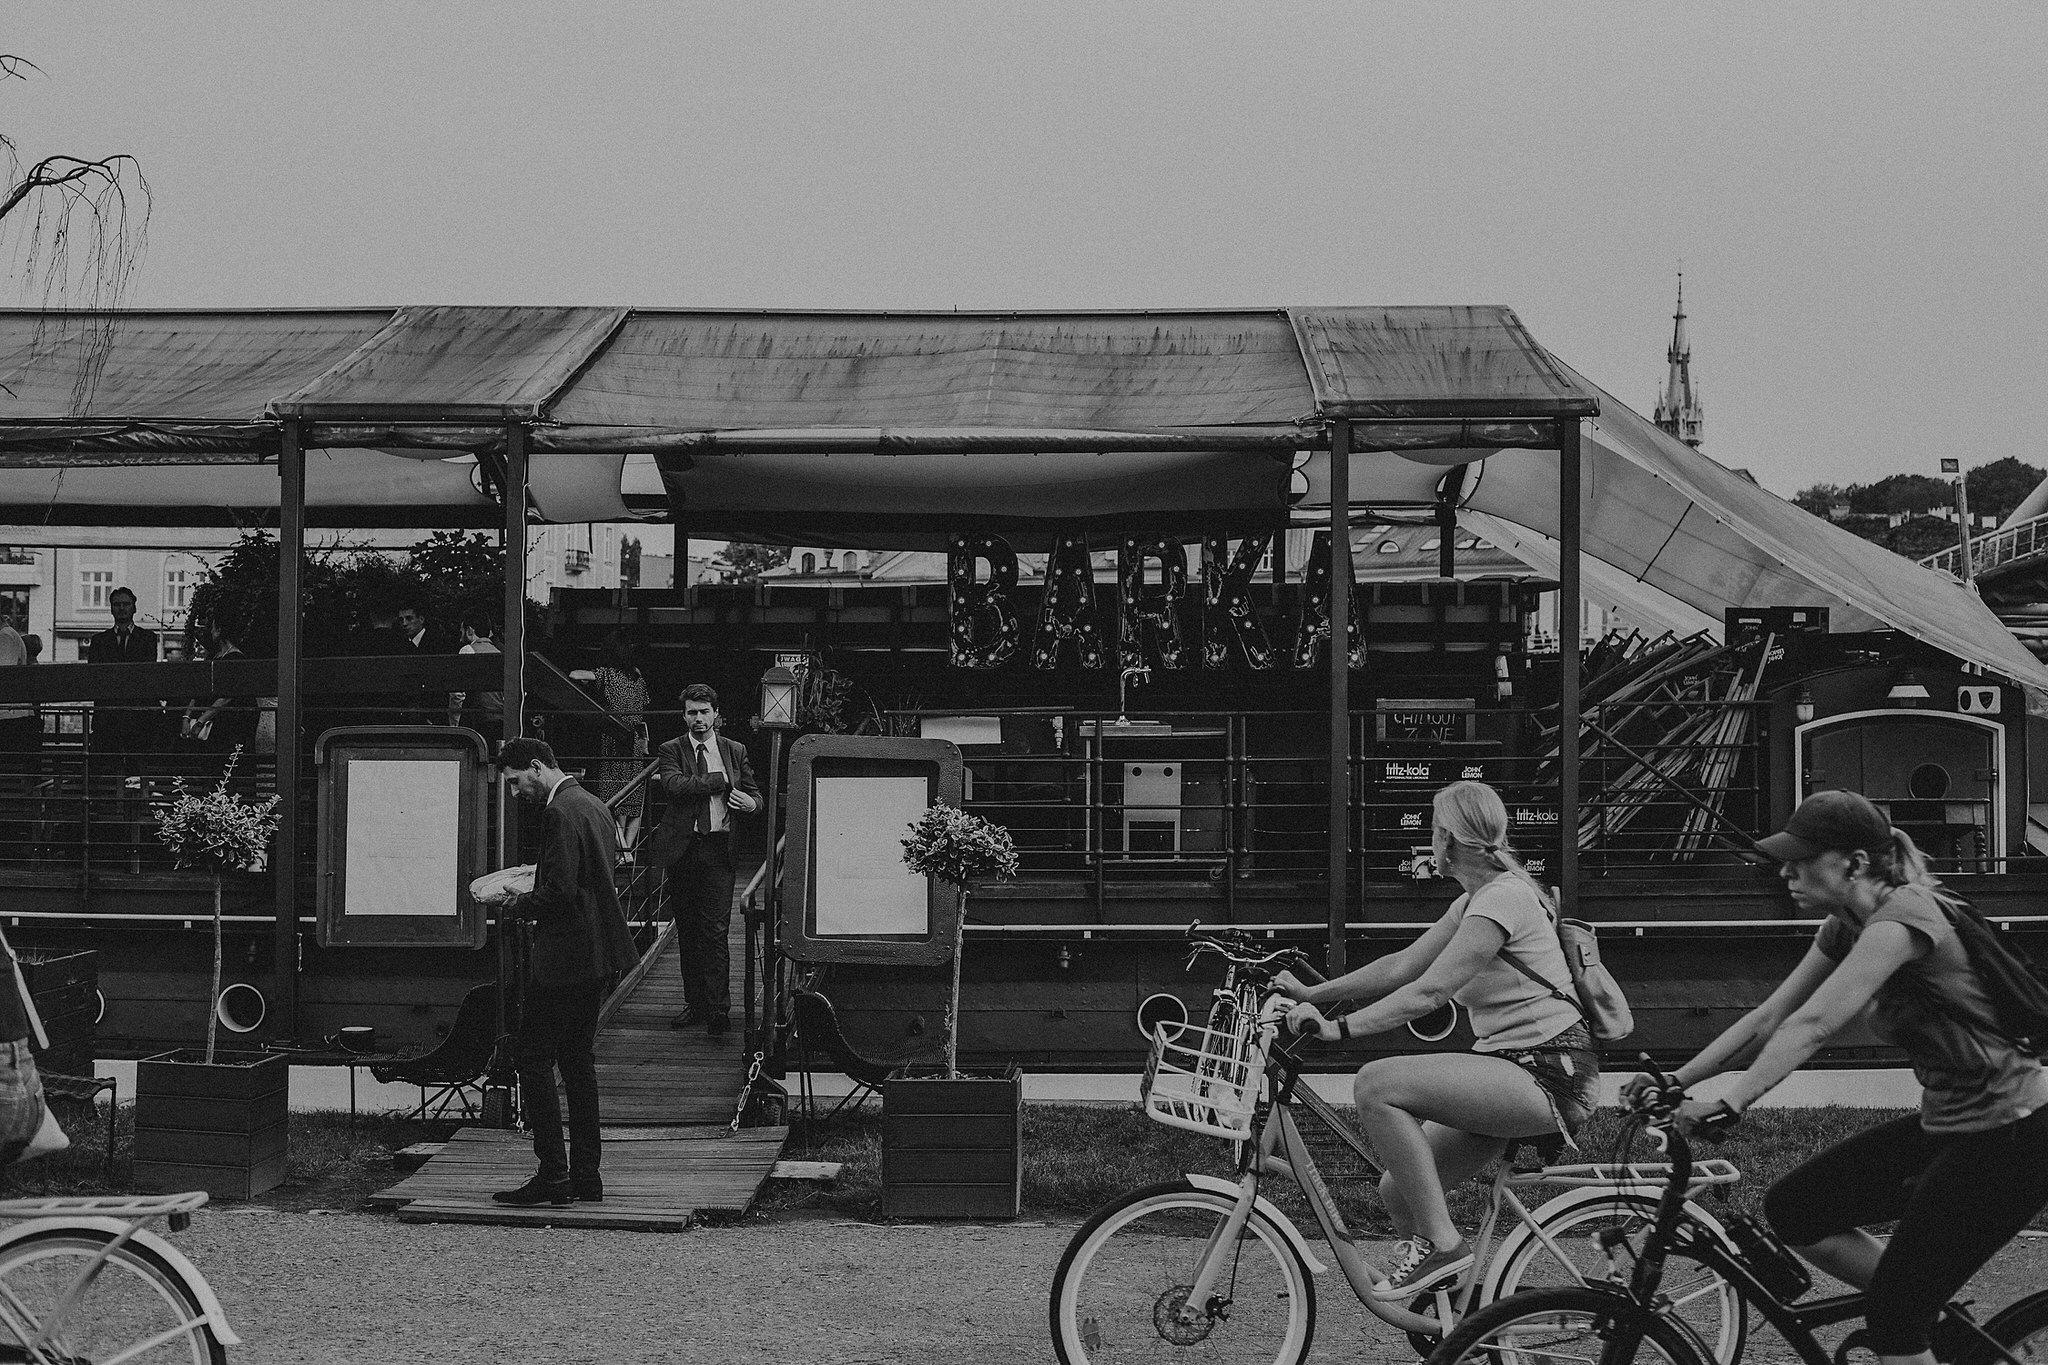 barka w krakowie rejs, fotograf